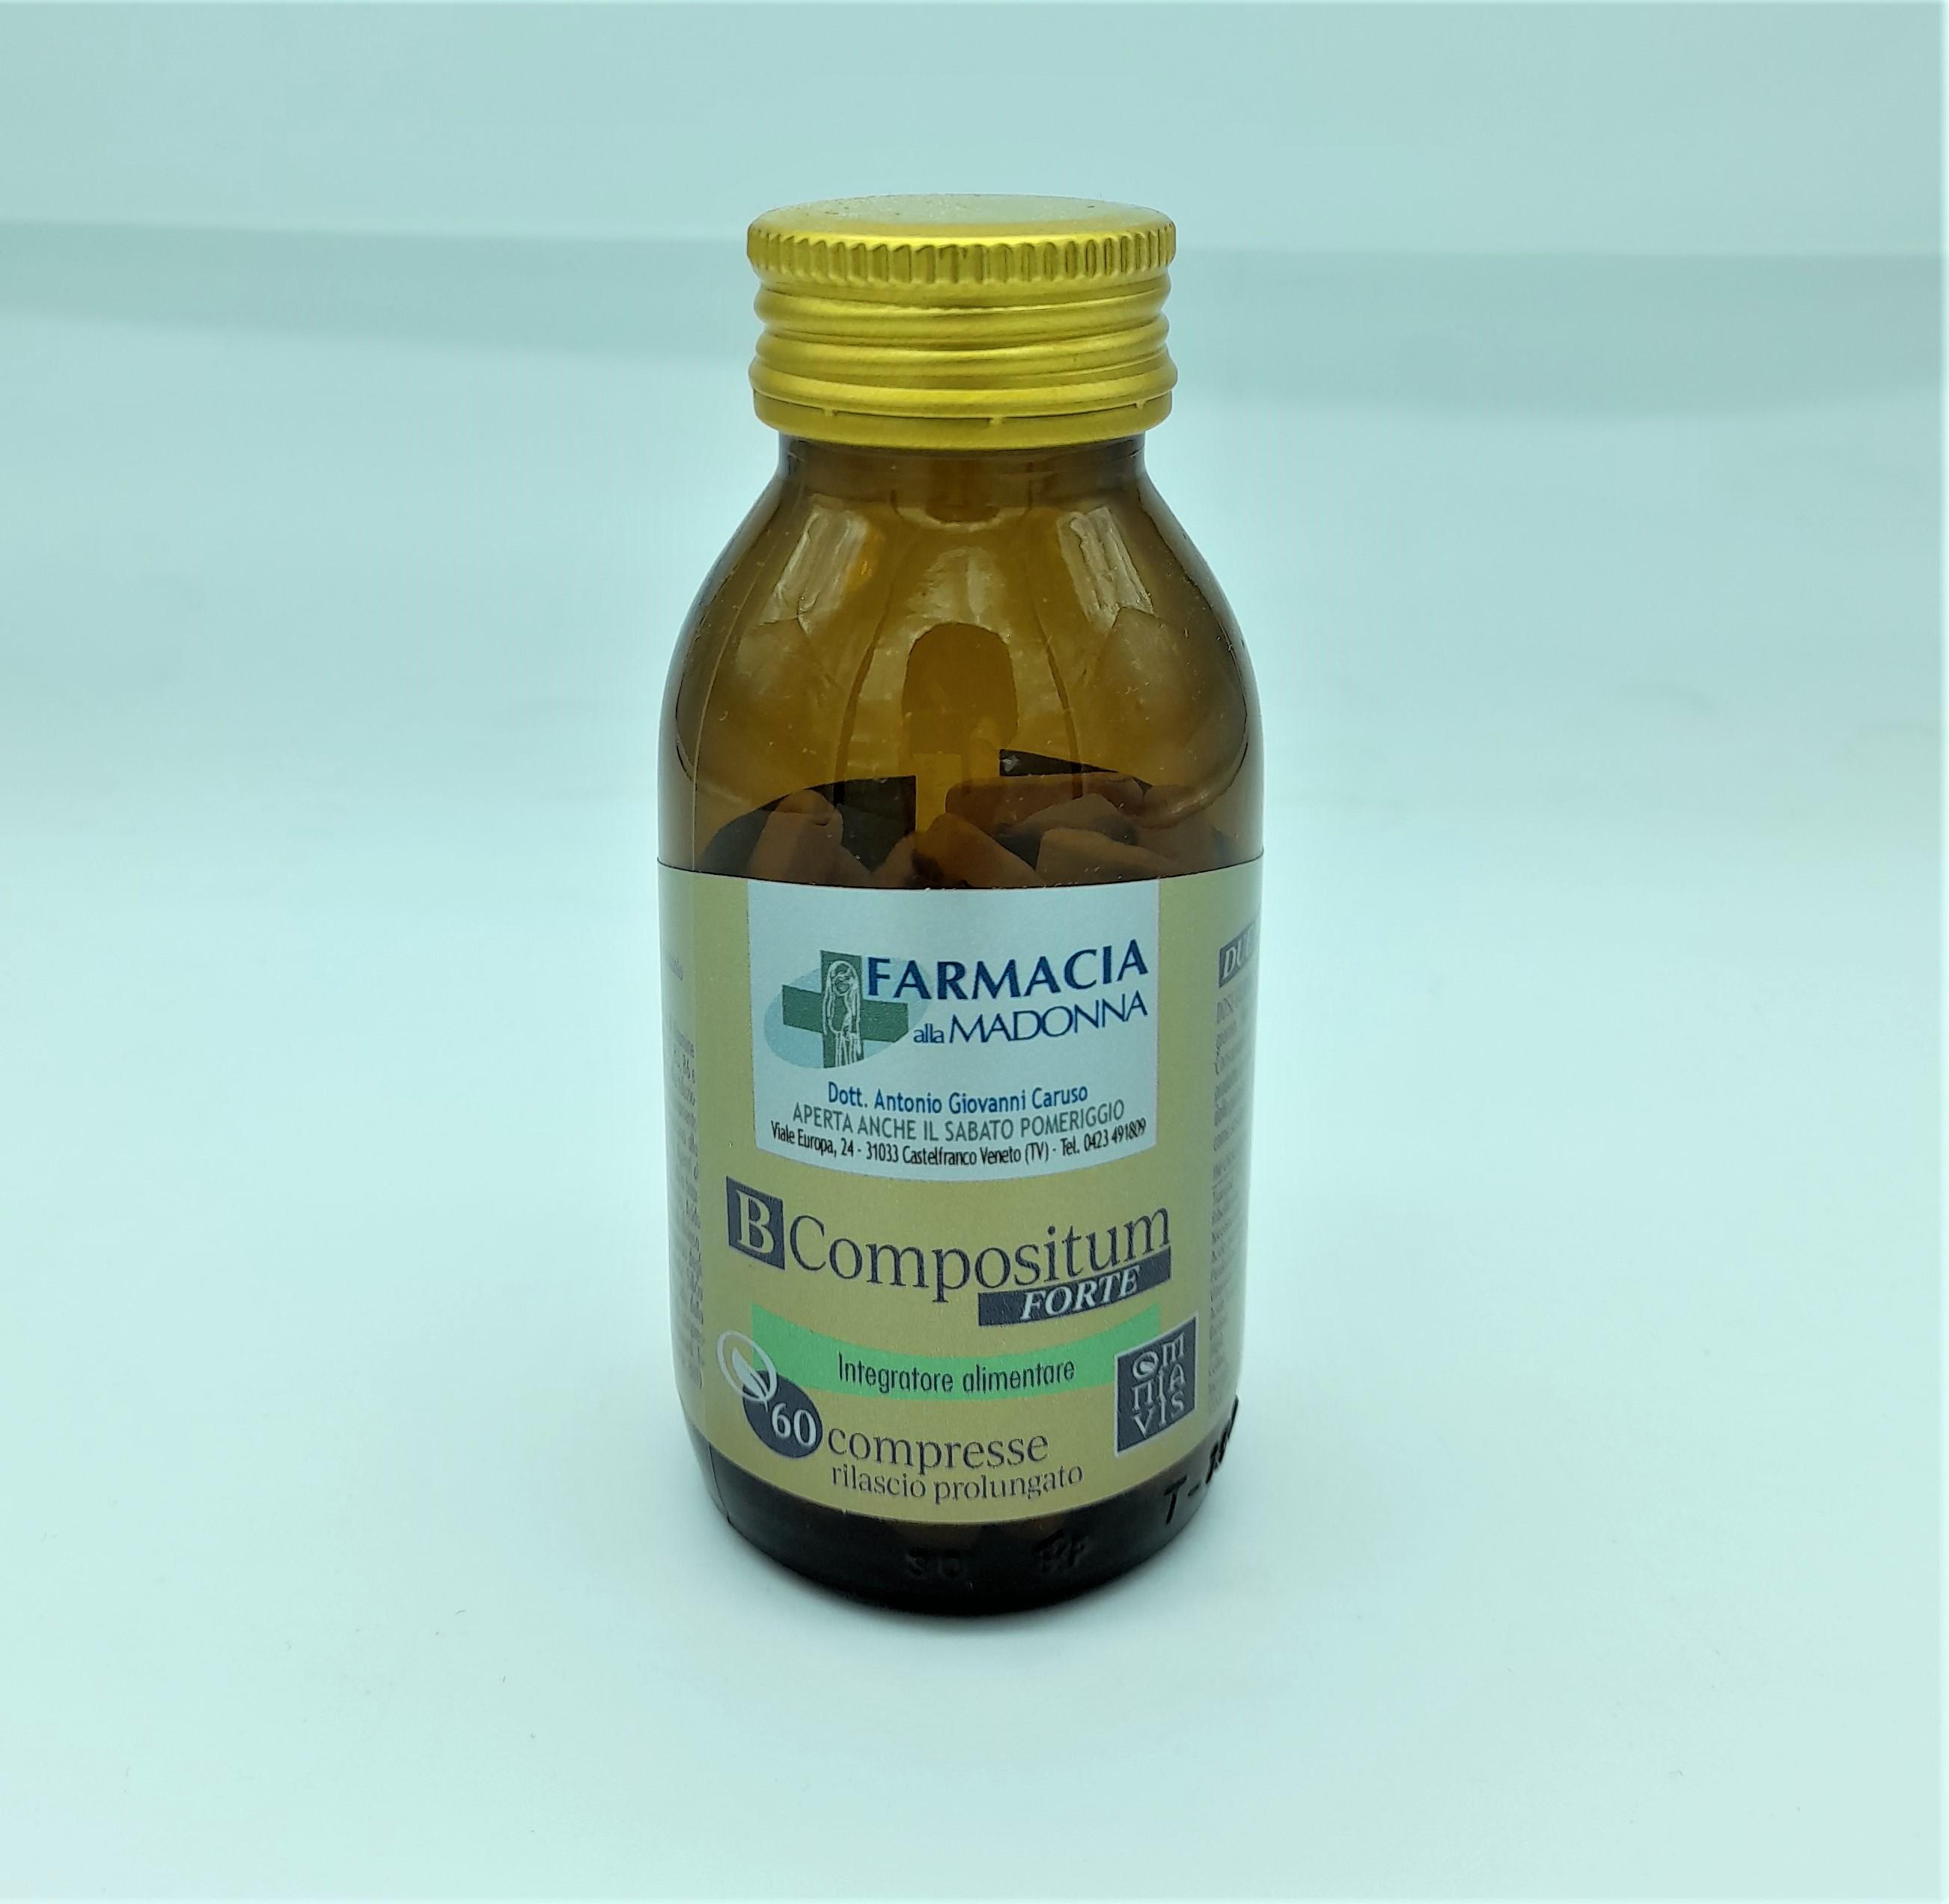 B COMPOSITUM FORTE, Farmacia alla Madonna